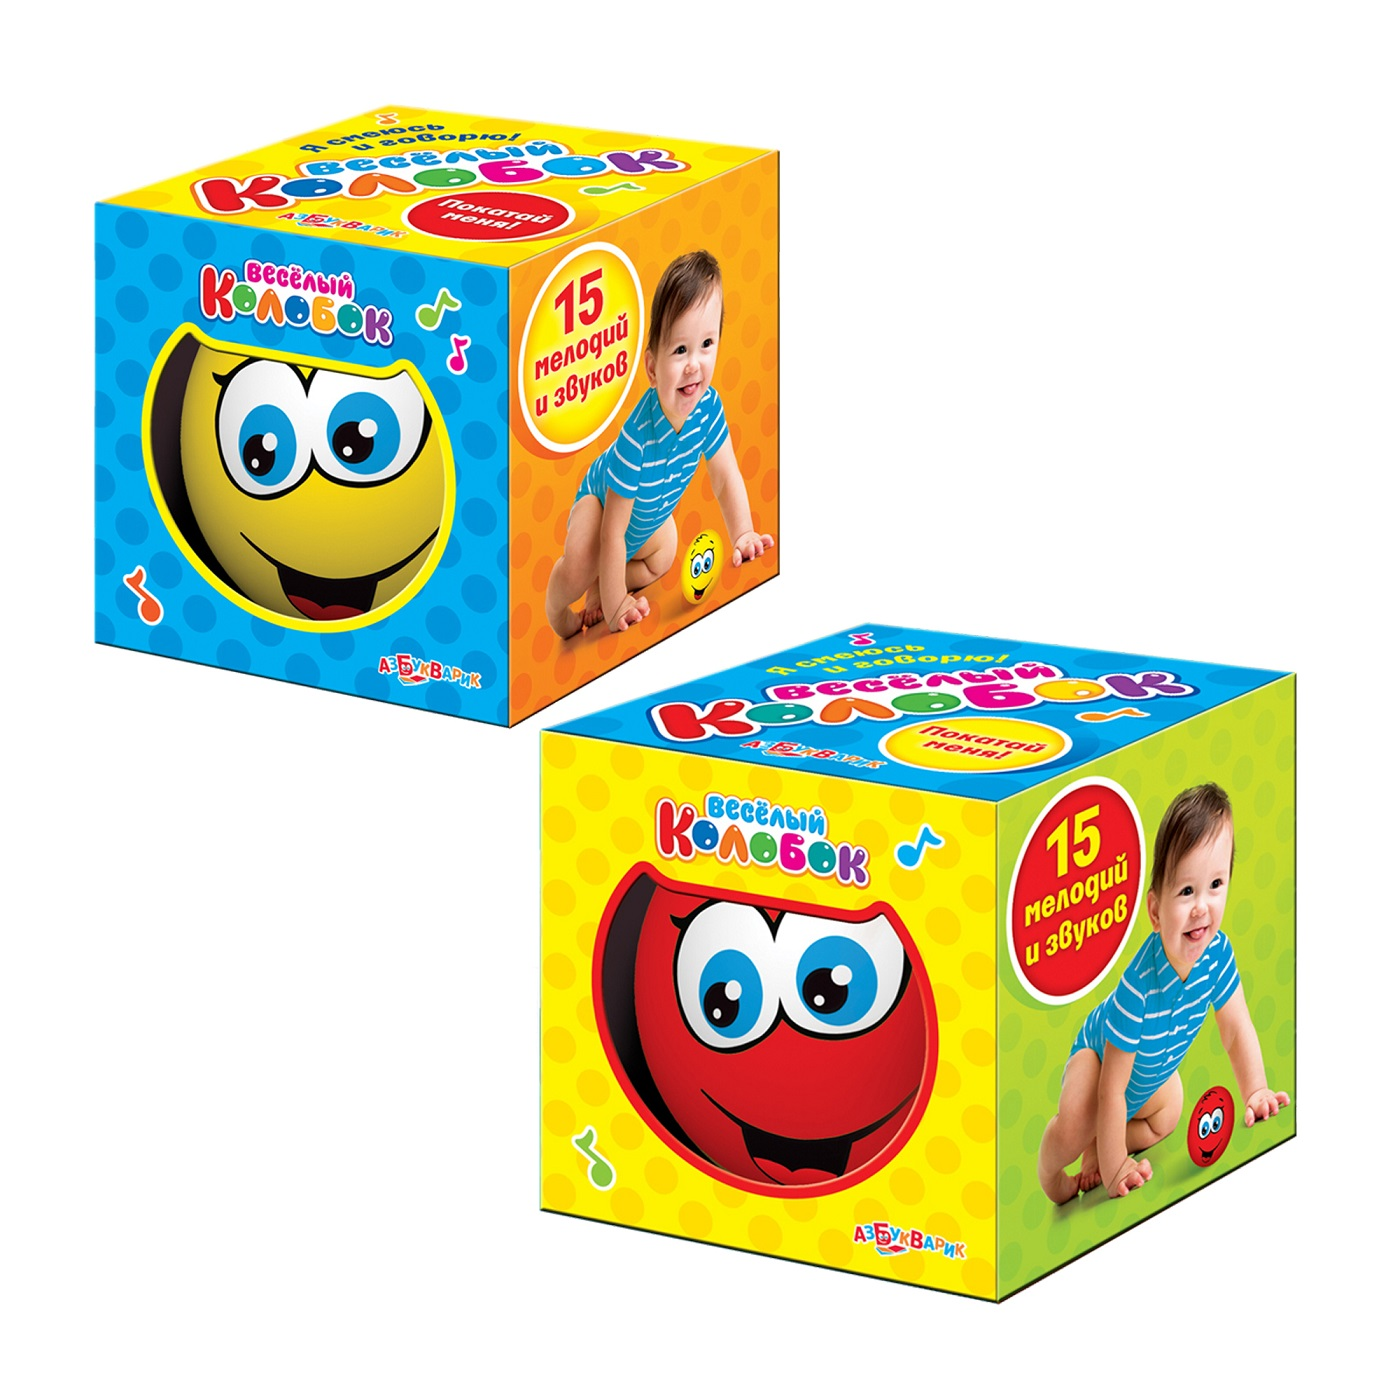 Игрушка музыкальная - Веселый колобок, 15 мелодий и звуковИнтерактив для малышей<br>Игрушка музыкальная - Веселый колобок, 15 мелодий и звуков<br>